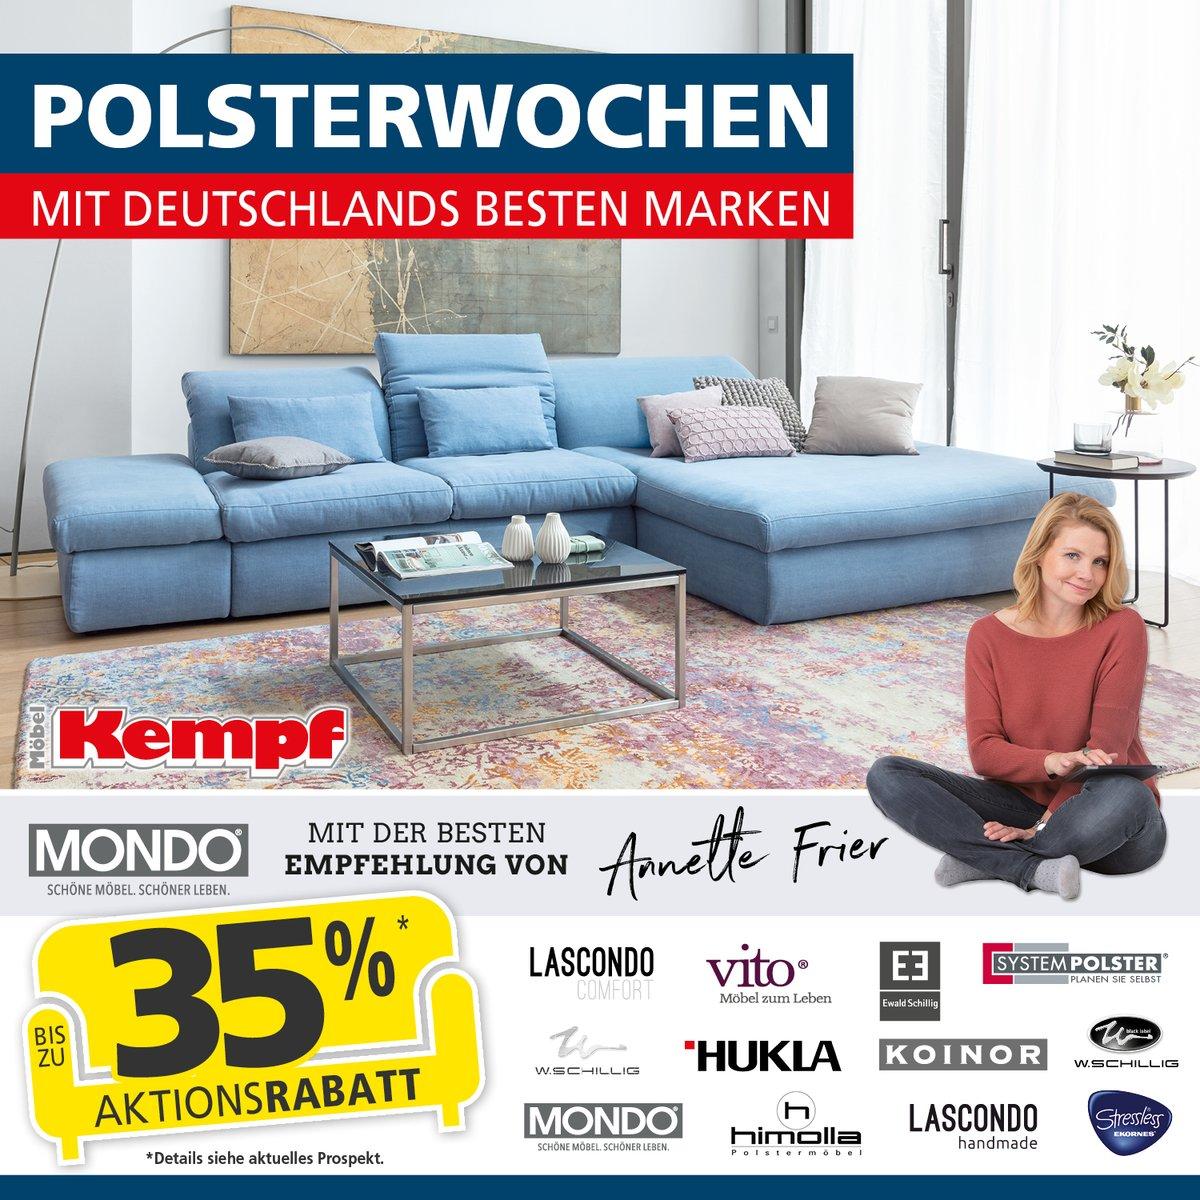 Riesiger Polster Wochen Sonderverkauf Mit Deutschlands Besten Marken